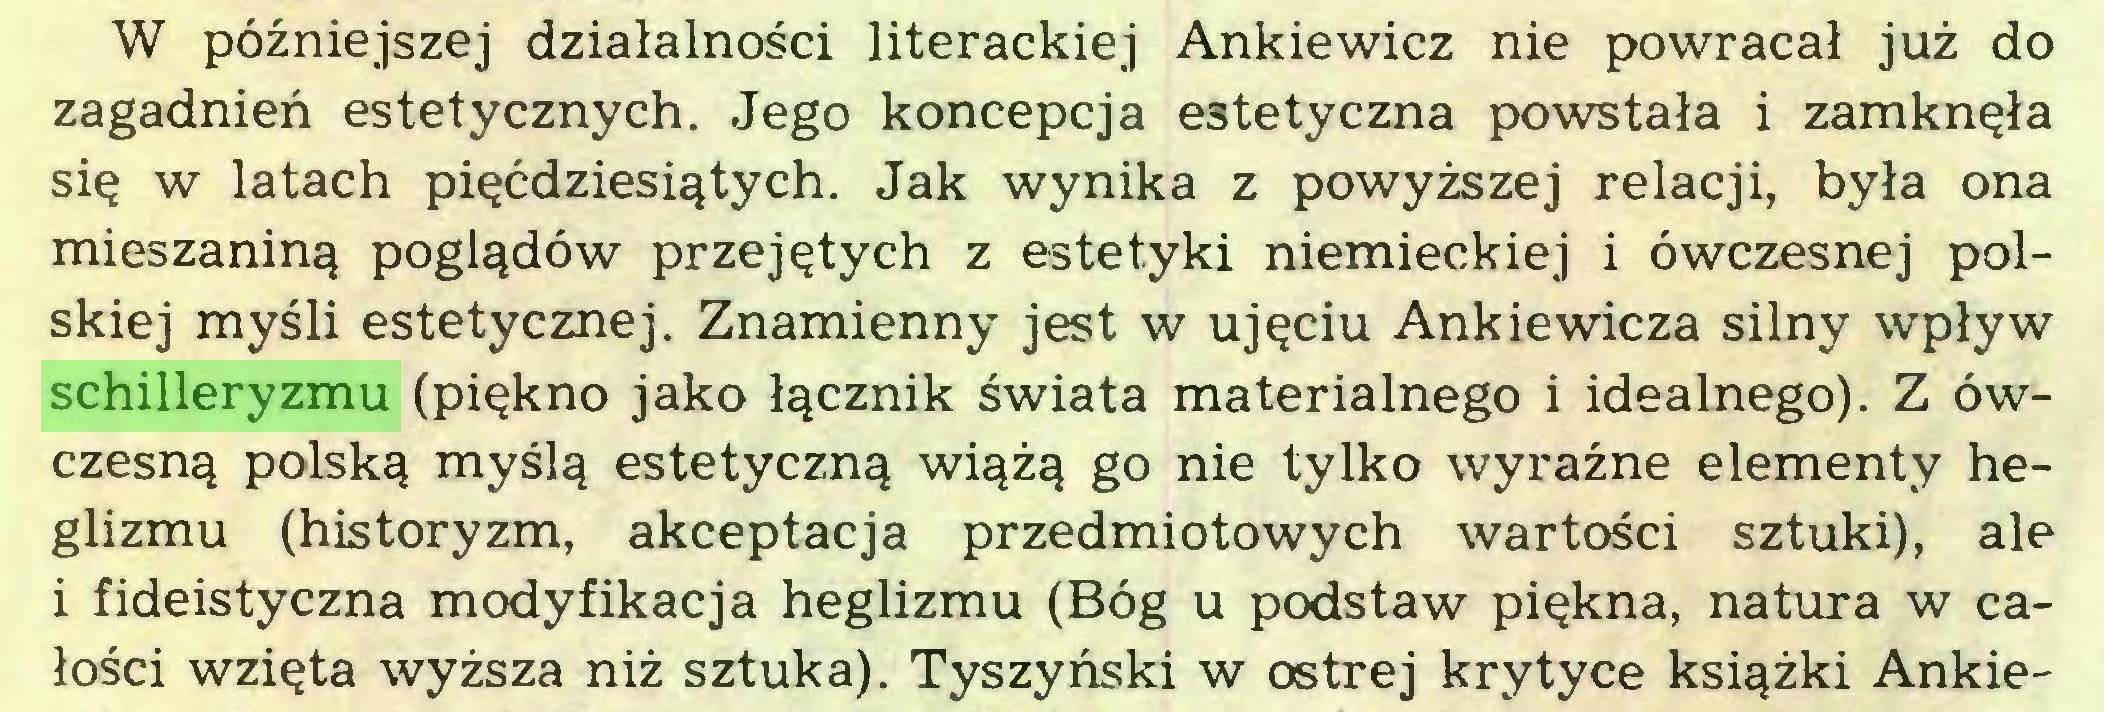 (...) W późniejszej działalności literackiej Ankiewicz nie powracał już do zagadnień estetycznych. Jego koncepcja estetyczna powstała i zamknęła się w latach pięćdziesiątych. Jak wynika z powyższej relacji, była ona mieszaniną poglądów przejętych z estetyki niemieckiej i ówczesnej polskiej myśli estetycznej. Znamienny jest w ujęciu Ankiewicza silny wpływ schilleryzmu (piękno jako łącznik świata materialnego i idealnego). Z ówczesną polską myślą estetyczną wiążą go nie tylko wyraźne elementy heglizmu (historyzm, akceptacja przedmiotowych wartości sztuki), ale i fideistyczna modyfikacja heglizmu (Bóg u podstaw piękna, natura w całości wzięta wyższa niż sztuka). Tyszyński w ostrej krytyce książki Ankie...